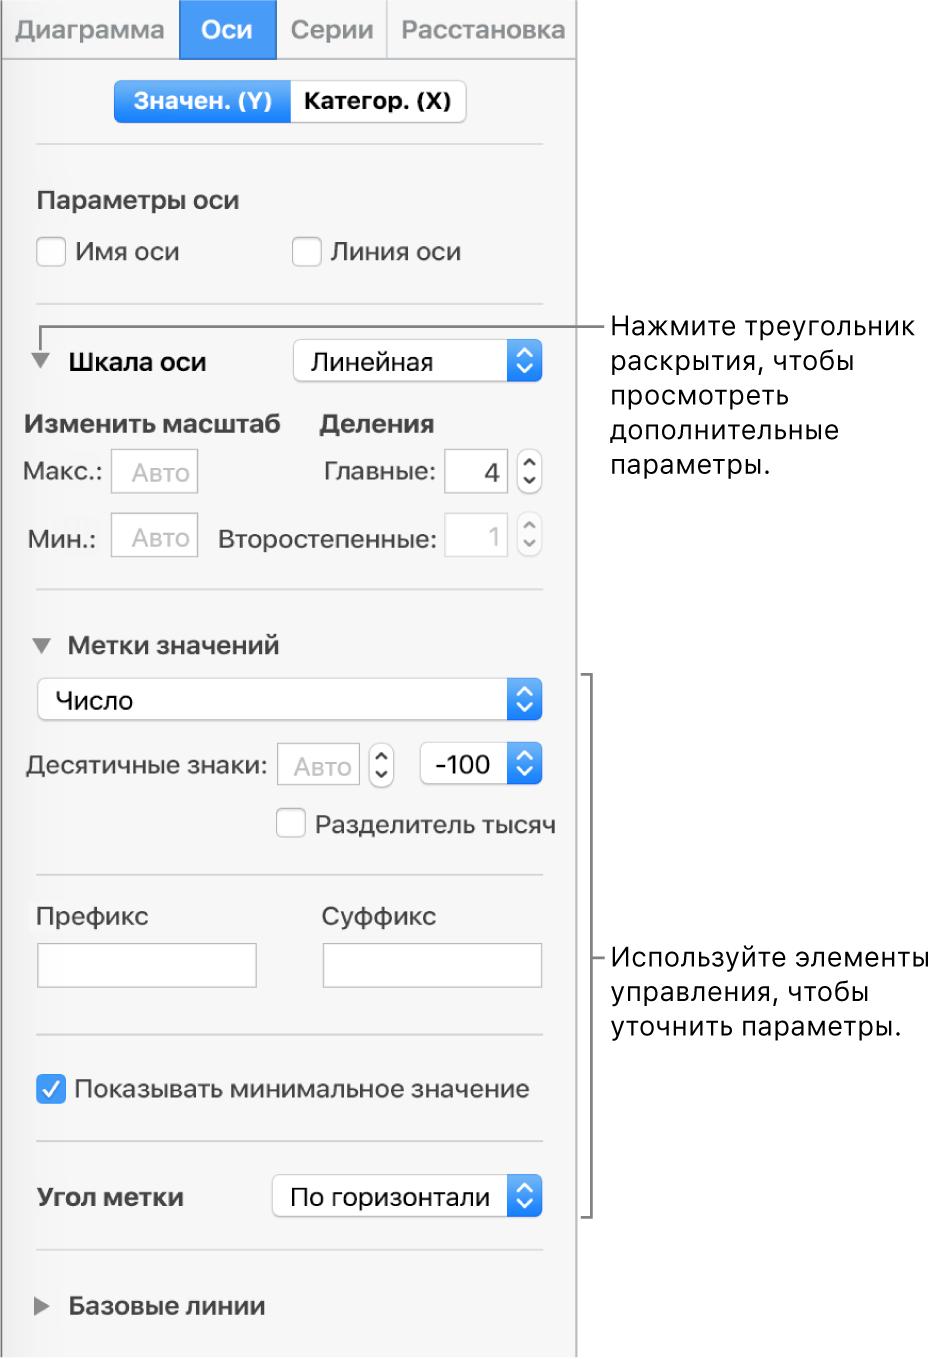 Элементы управления для форматирования делений на осях диаграммы.